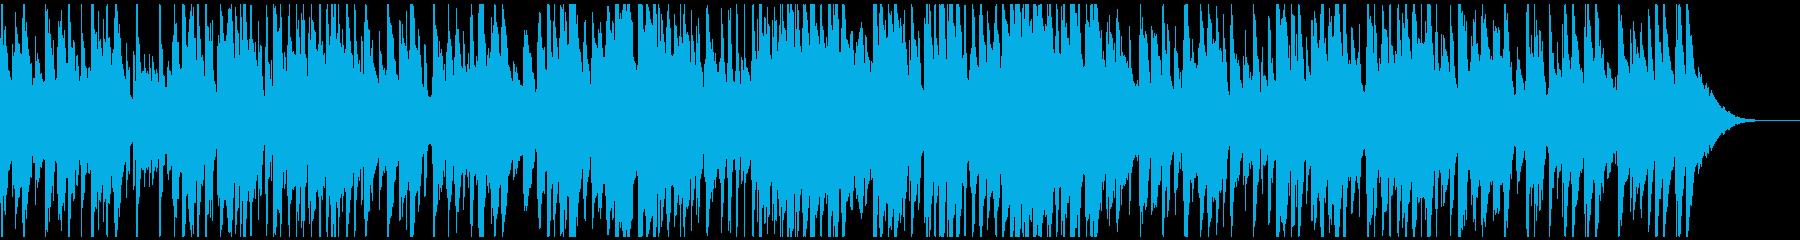 生演奏・きよしこの夜・ジャズバージョンの再生済みの波形